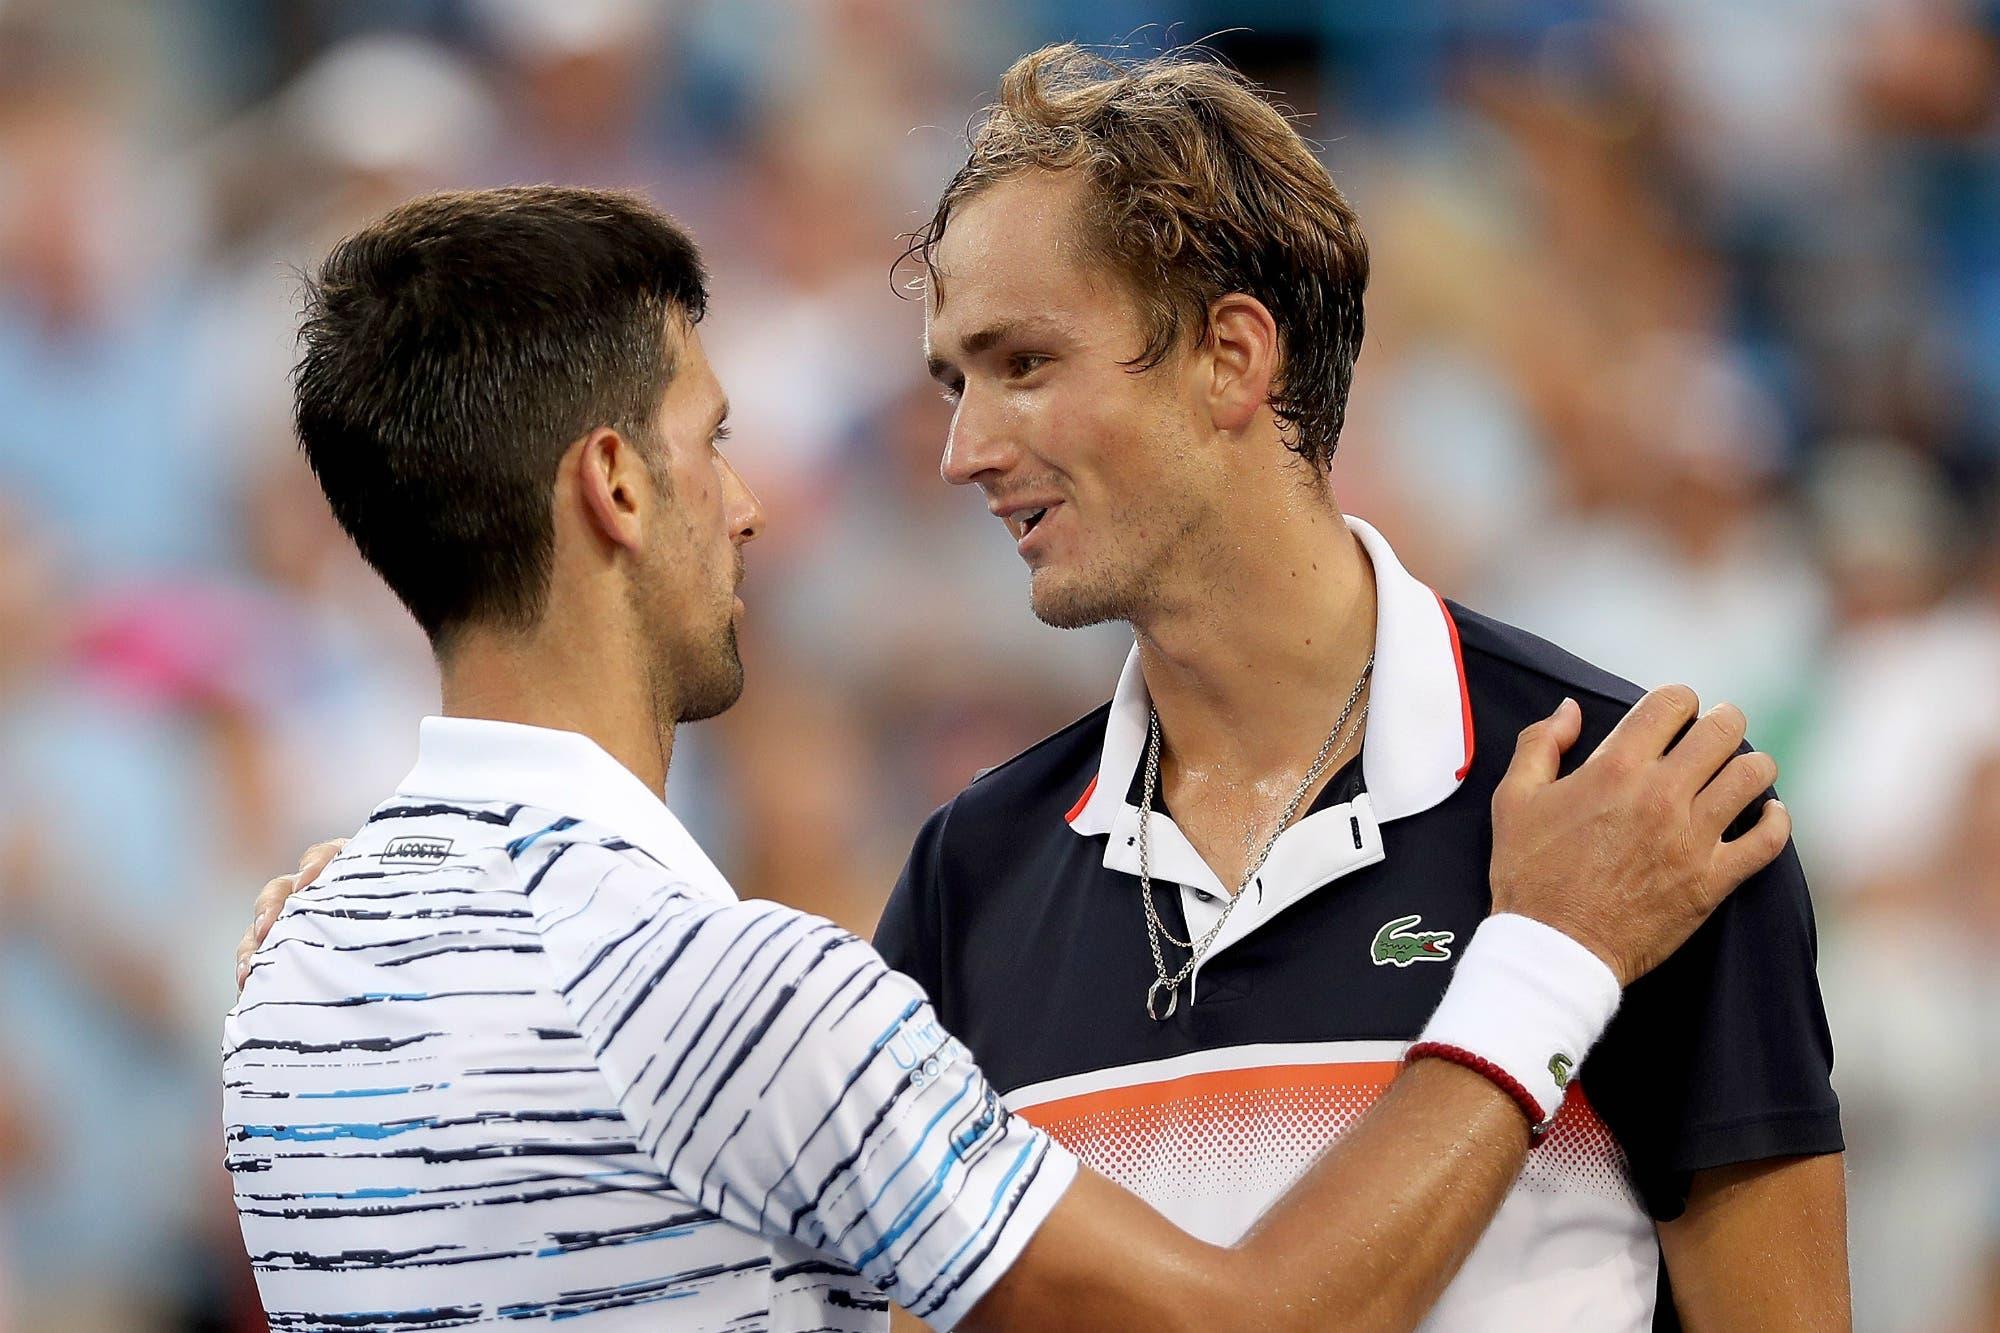 El ranking ATP: el argentino que entró en el Top 20 y quién es el nuevo número 5, a una semana del US Open